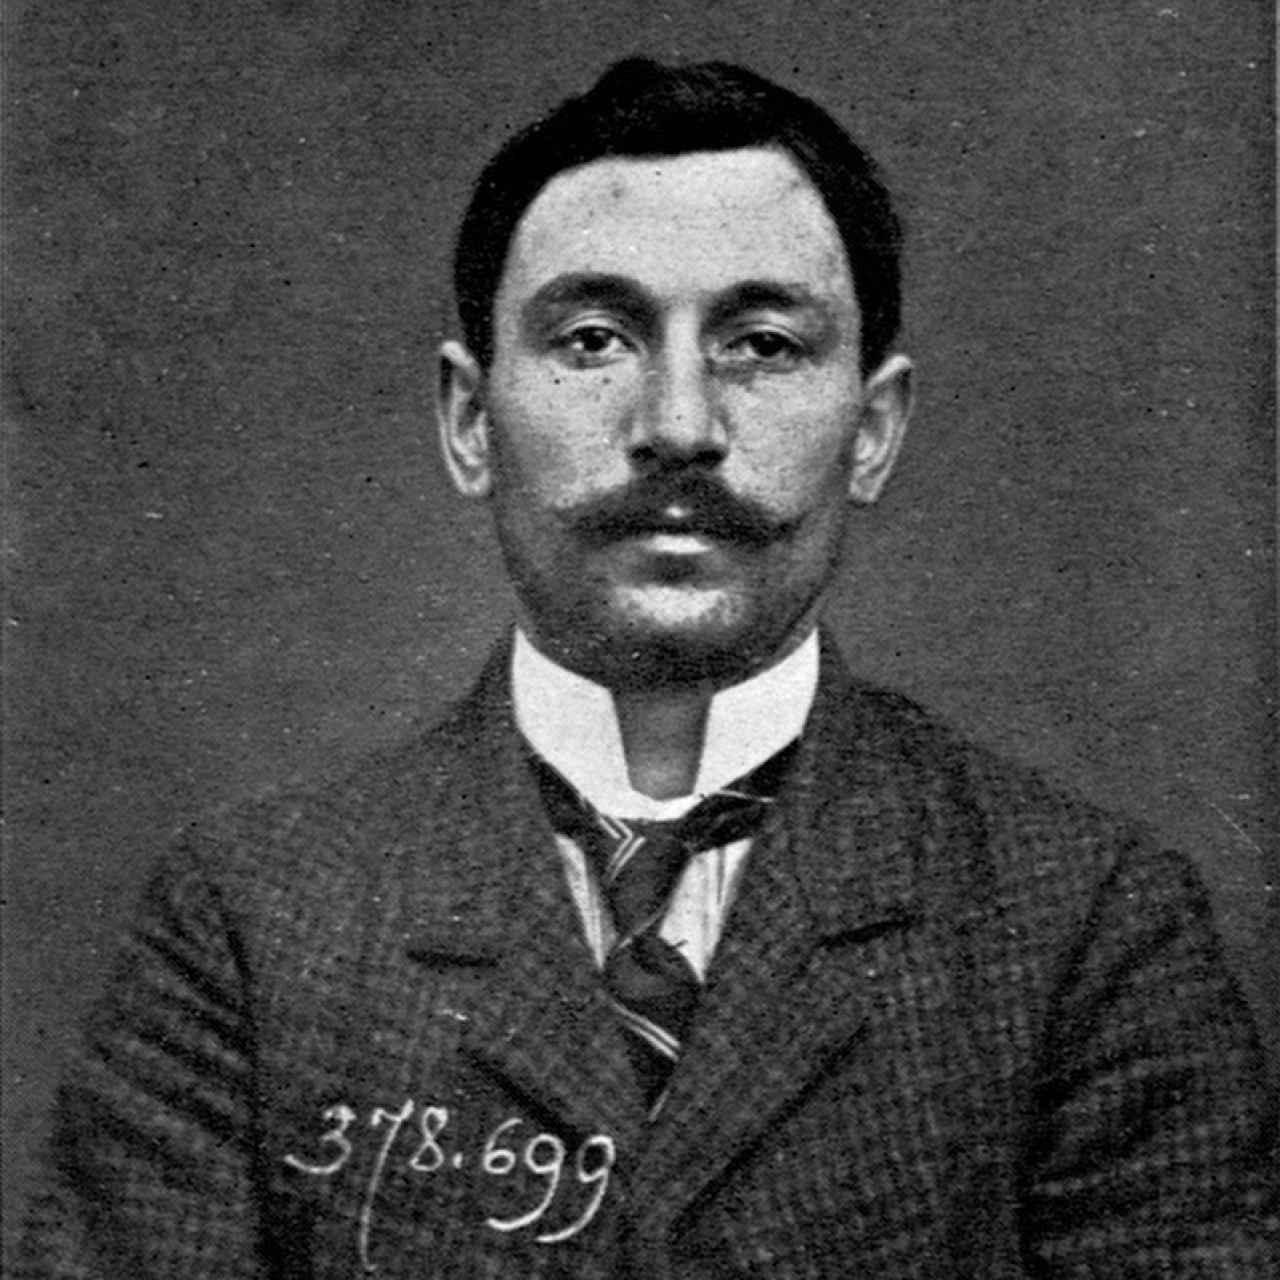 Vincenzo Peruggia, el verdadero ladrón.